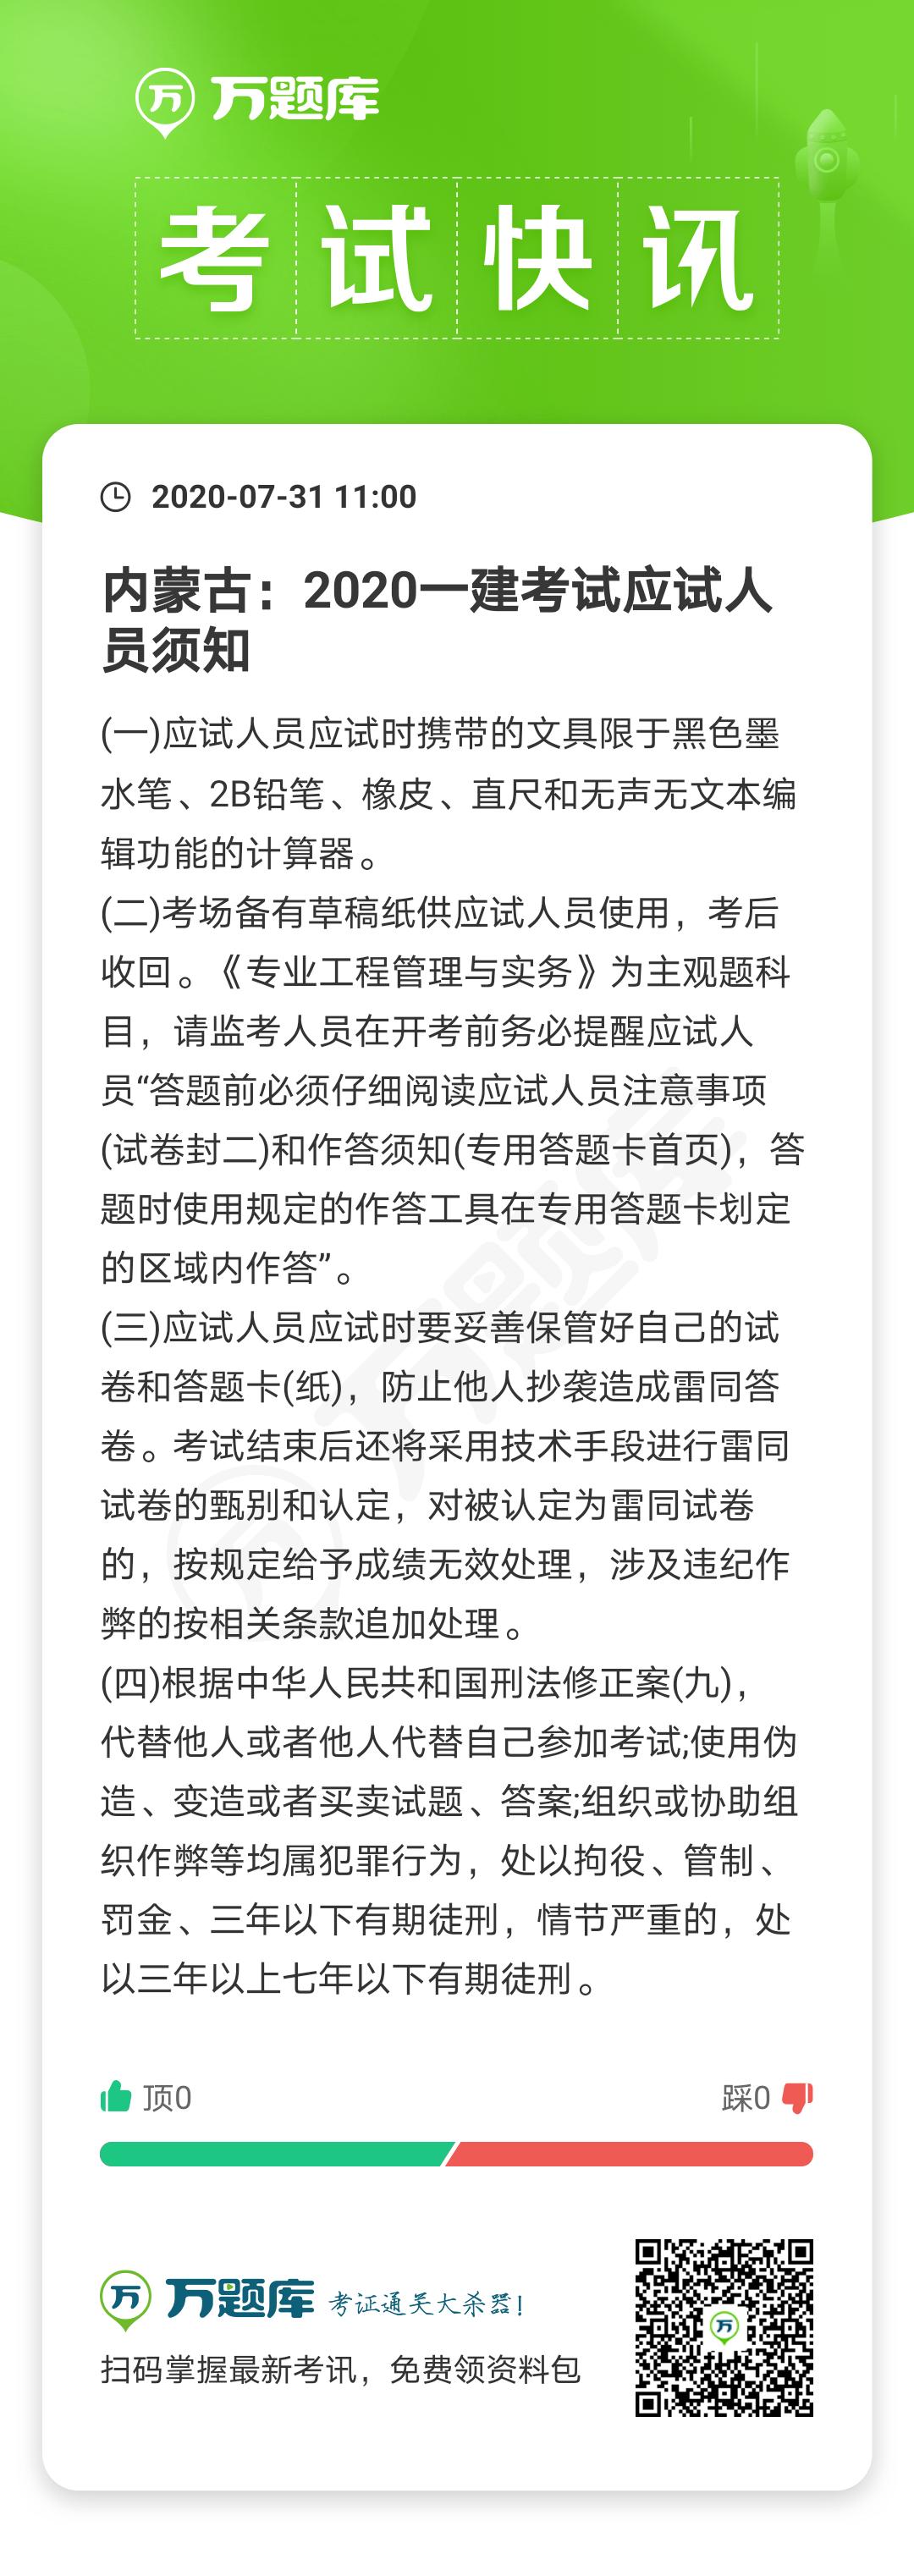 内蒙古:2020年一级建造师考试人员应试须知